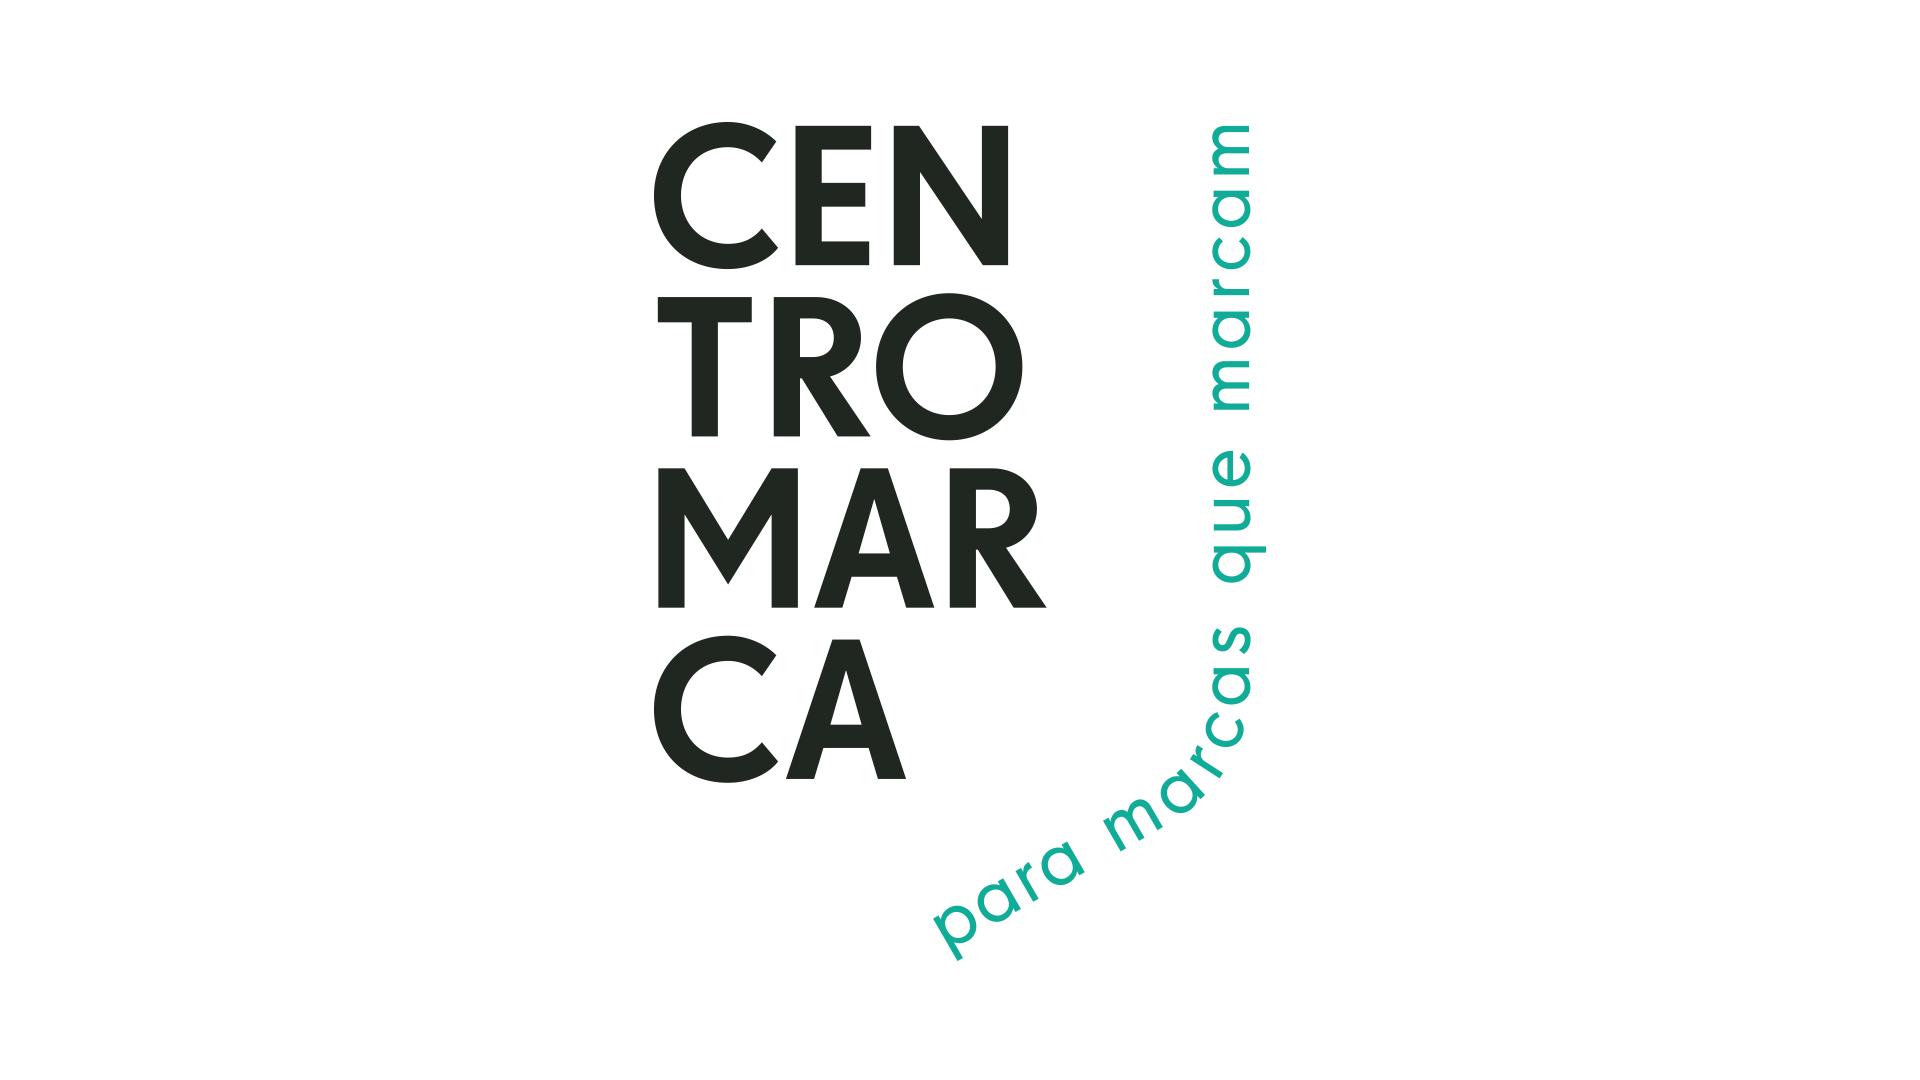 (c) Centromarca.pt